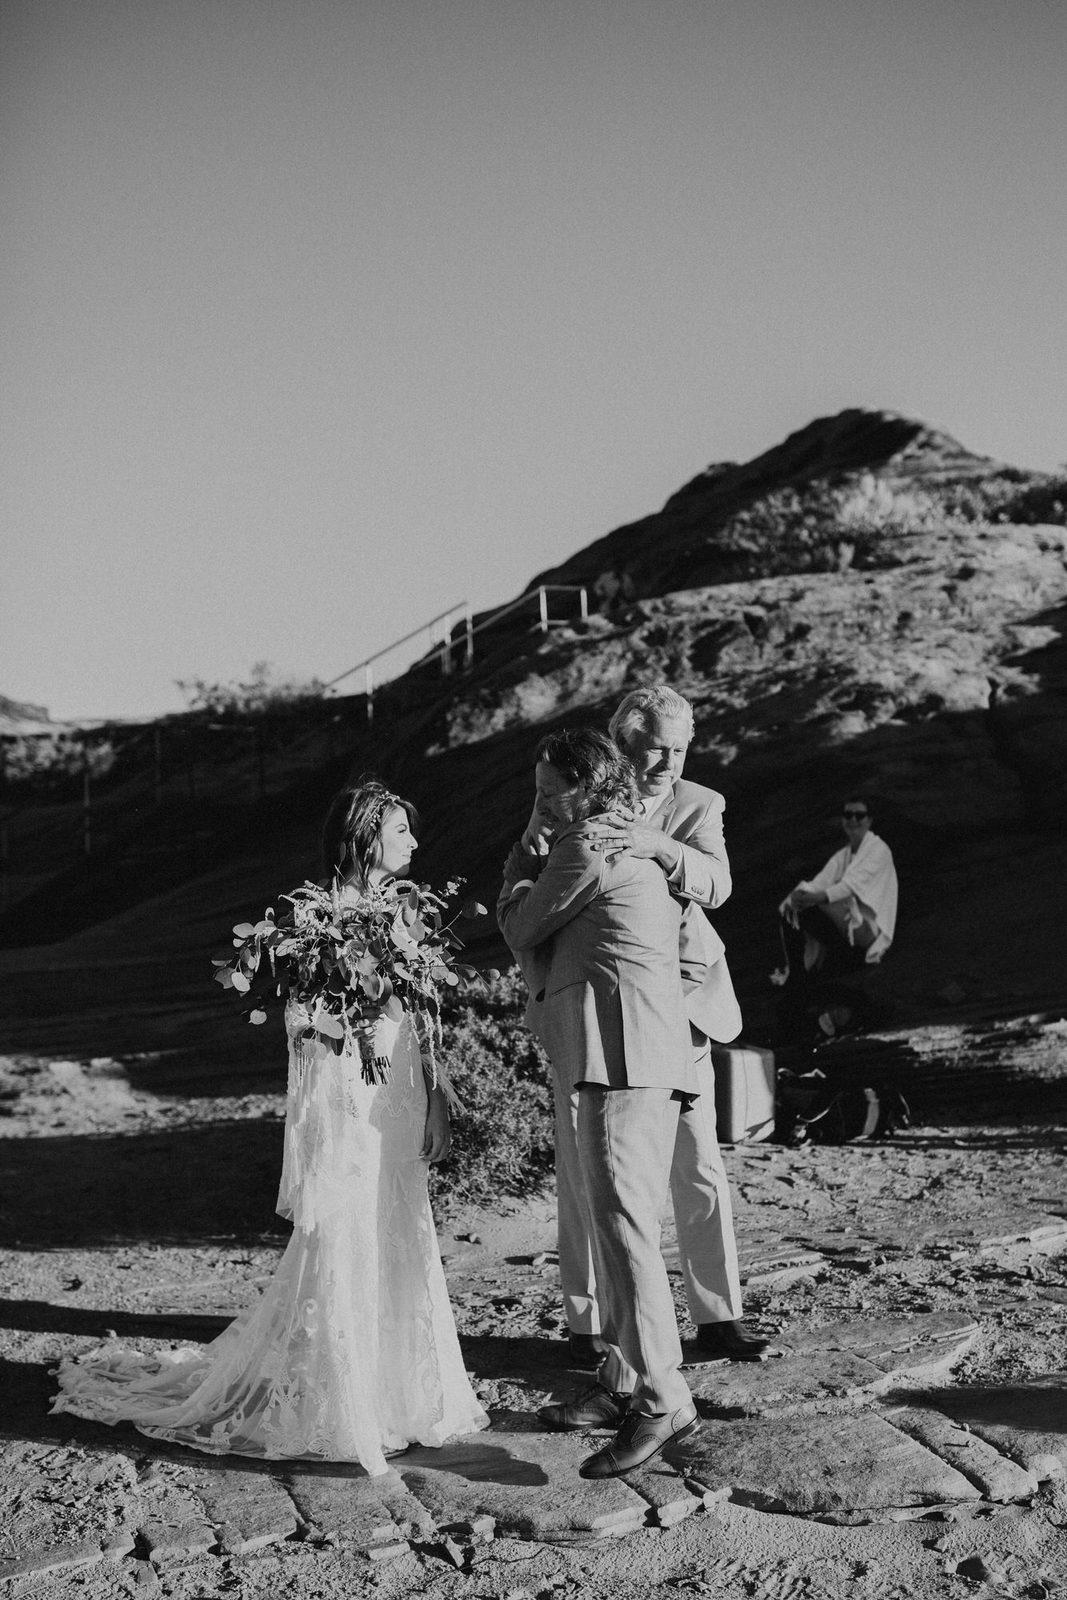 Ceremony photography in Arizona.